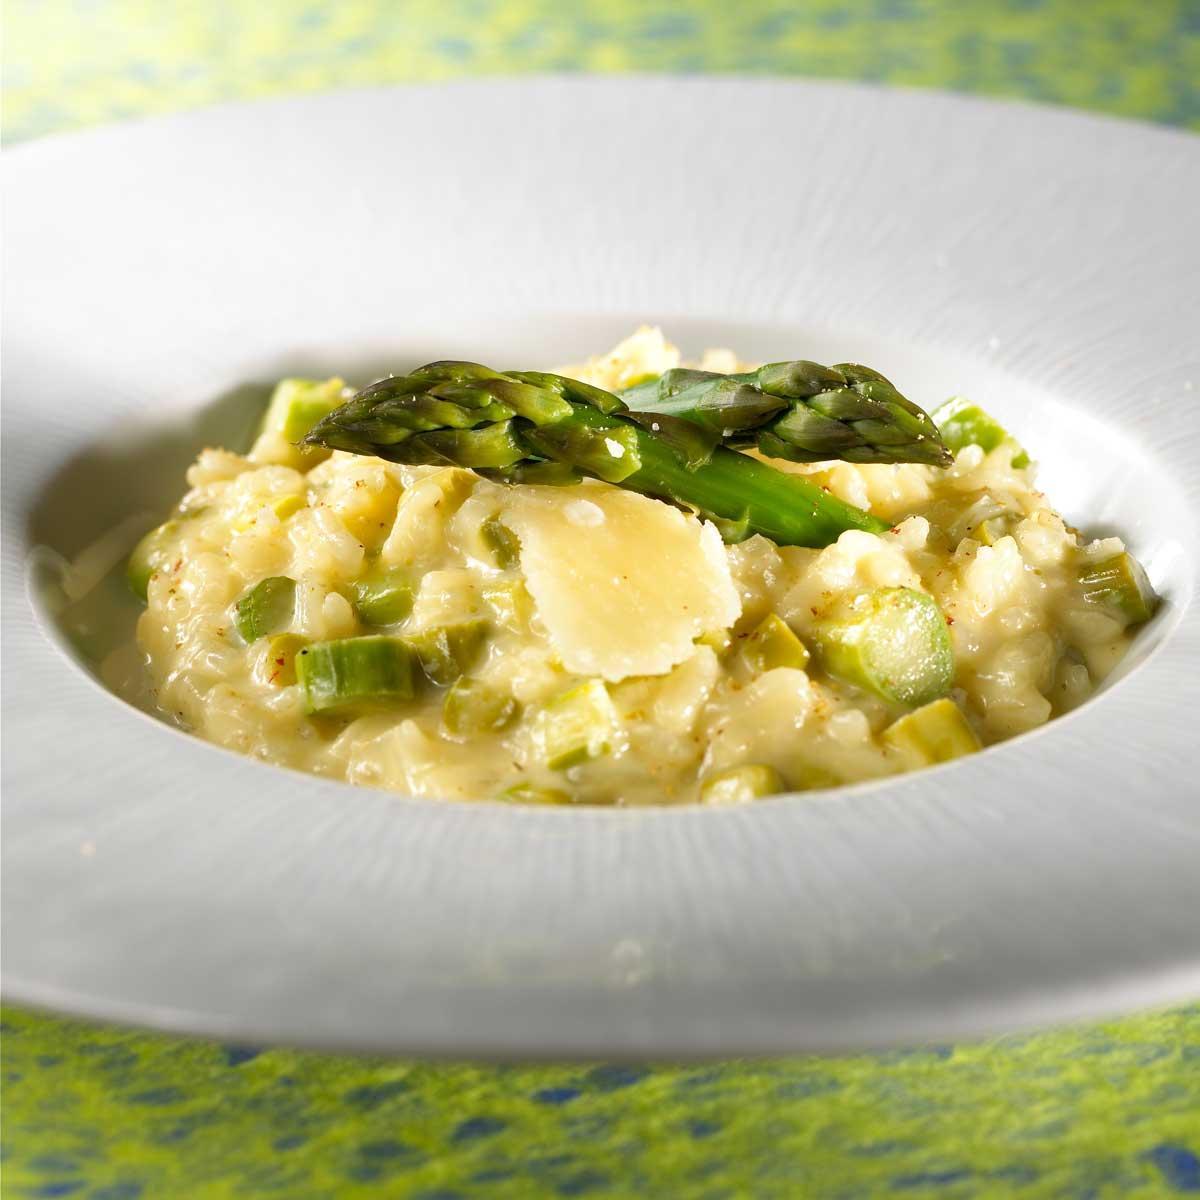 recette risotto d 39 asperges vertes cuisine madame figaro. Black Bedroom Furniture Sets. Home Design Ideas